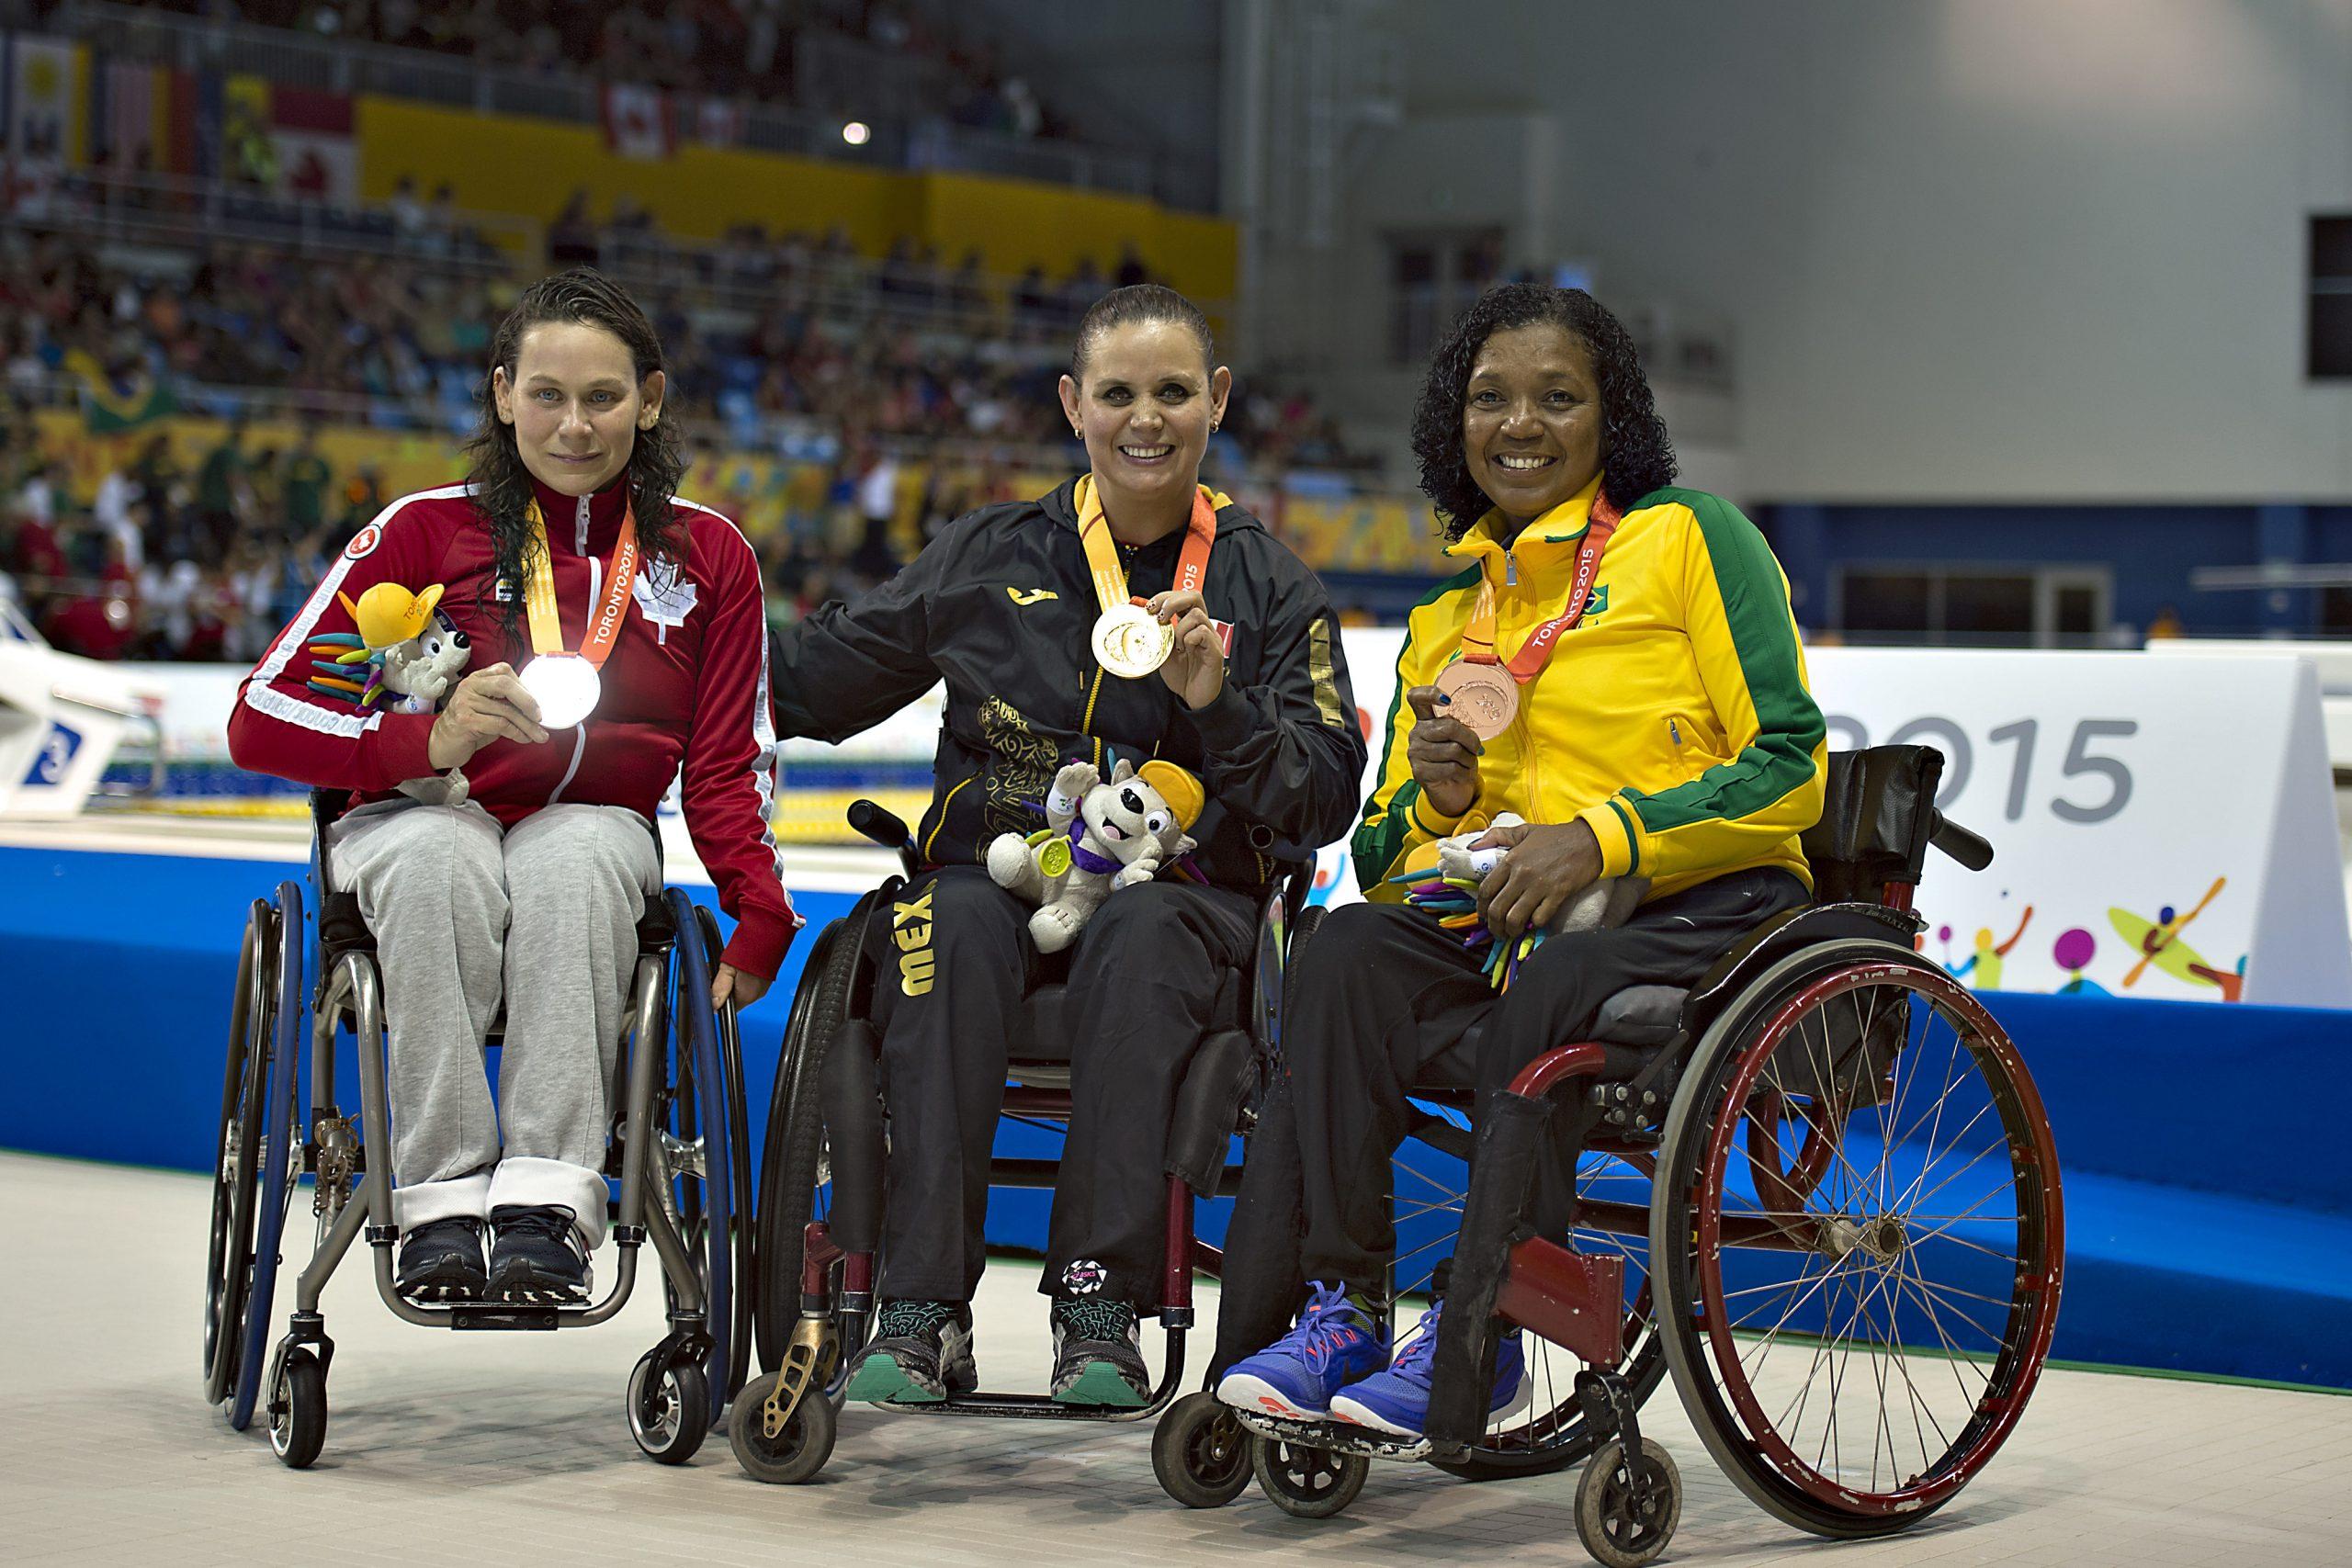 Nely Miranda, la nadadora que superó una operación para llegar a los Juegos Paralímpicos de Tokio 2020